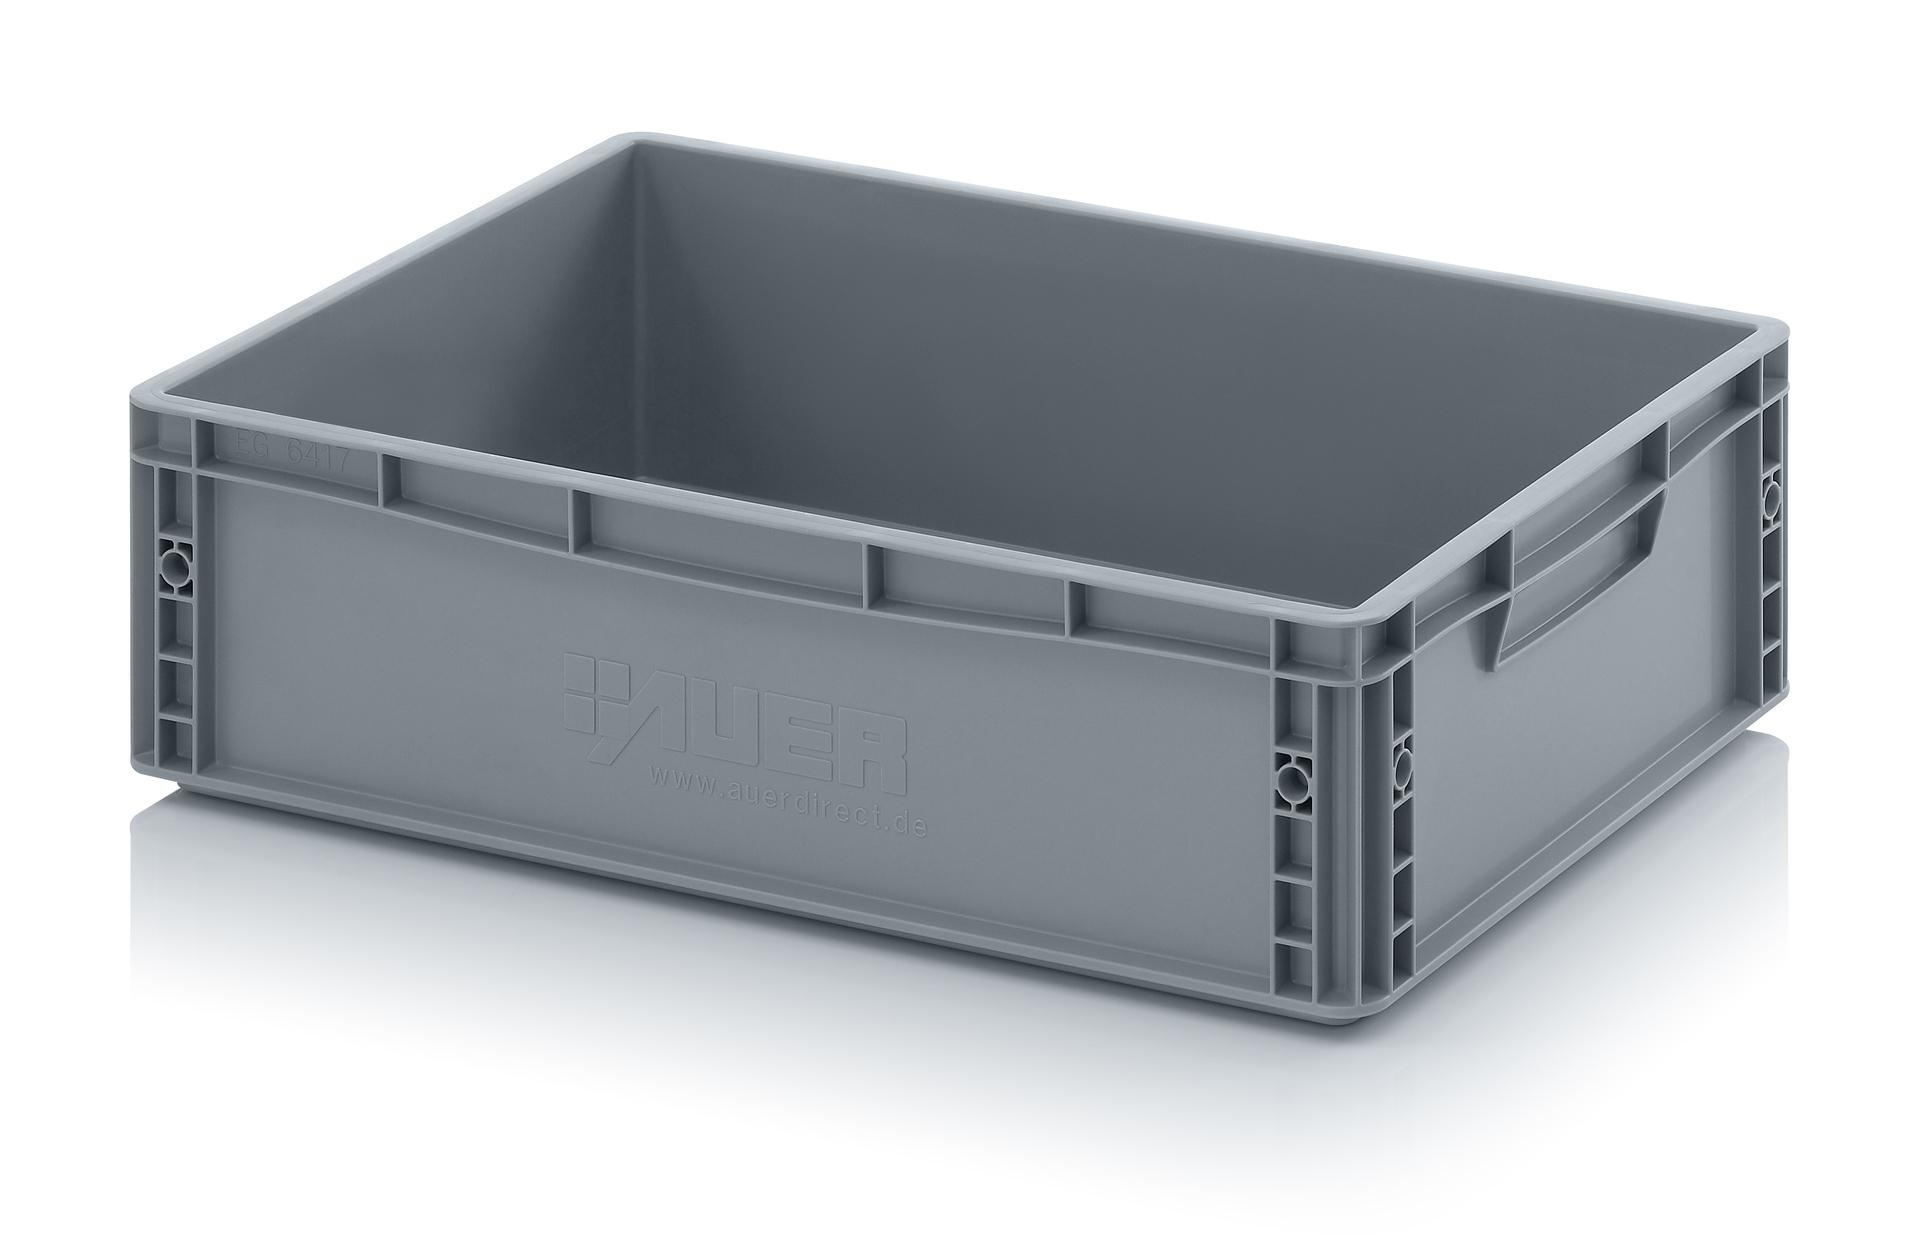 Euro container (ladă) plastic EG64/17 HG